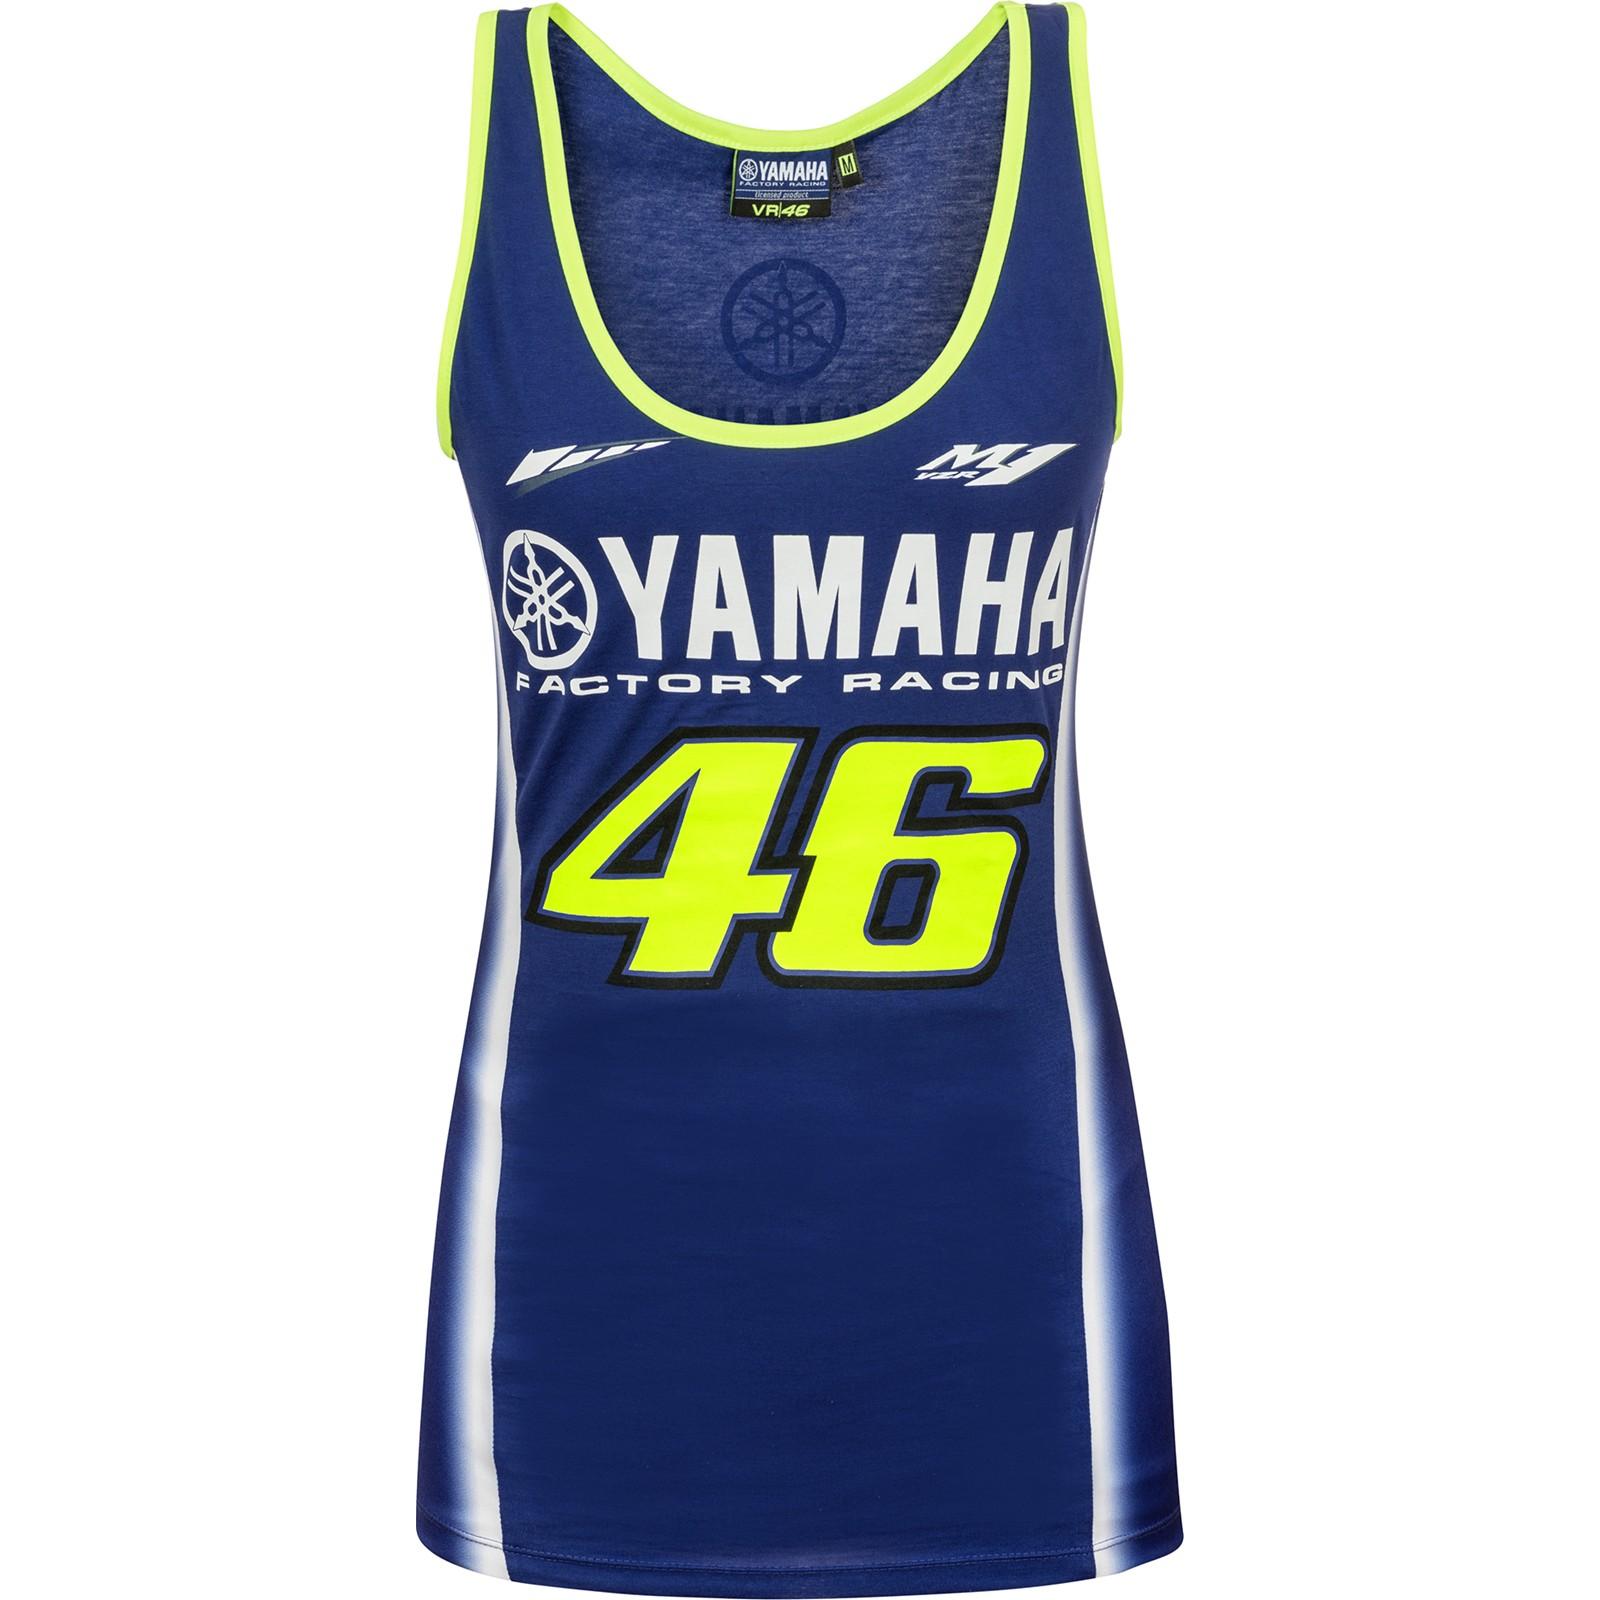 786a95df6b55b9 Koszulka na ramiączkach damska VR46 Valentino Rossi Yamaha Woman Dual  Tanktop Blue, Niebieska - YDWTT314409